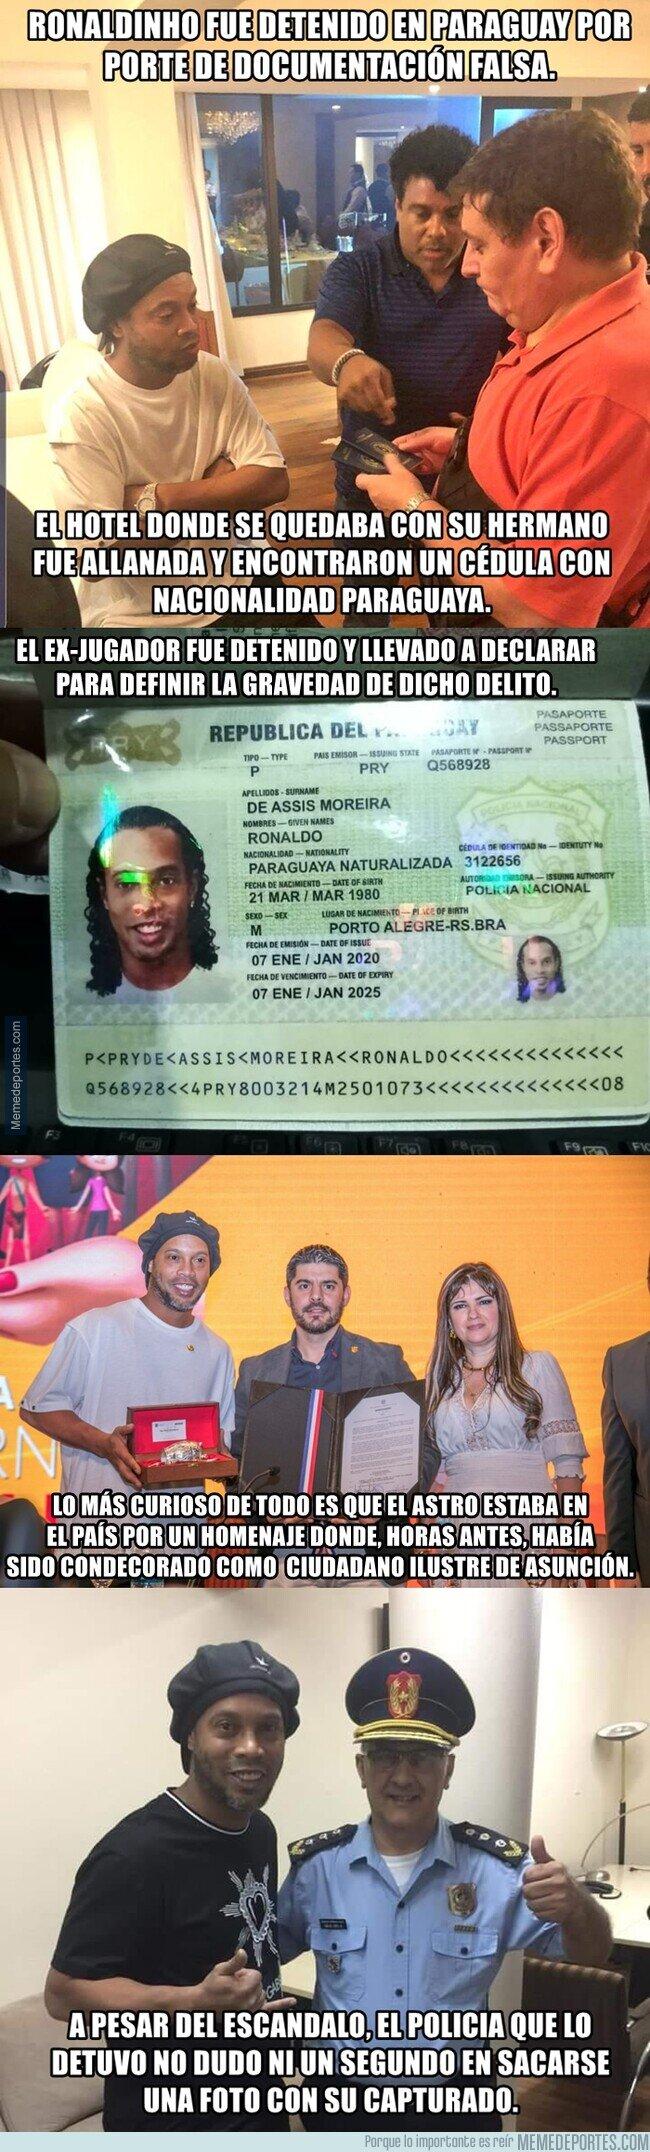 1100053 - El tremendo escándalo de Ronaldinho en Paraguay por un documento falso para entrar al país